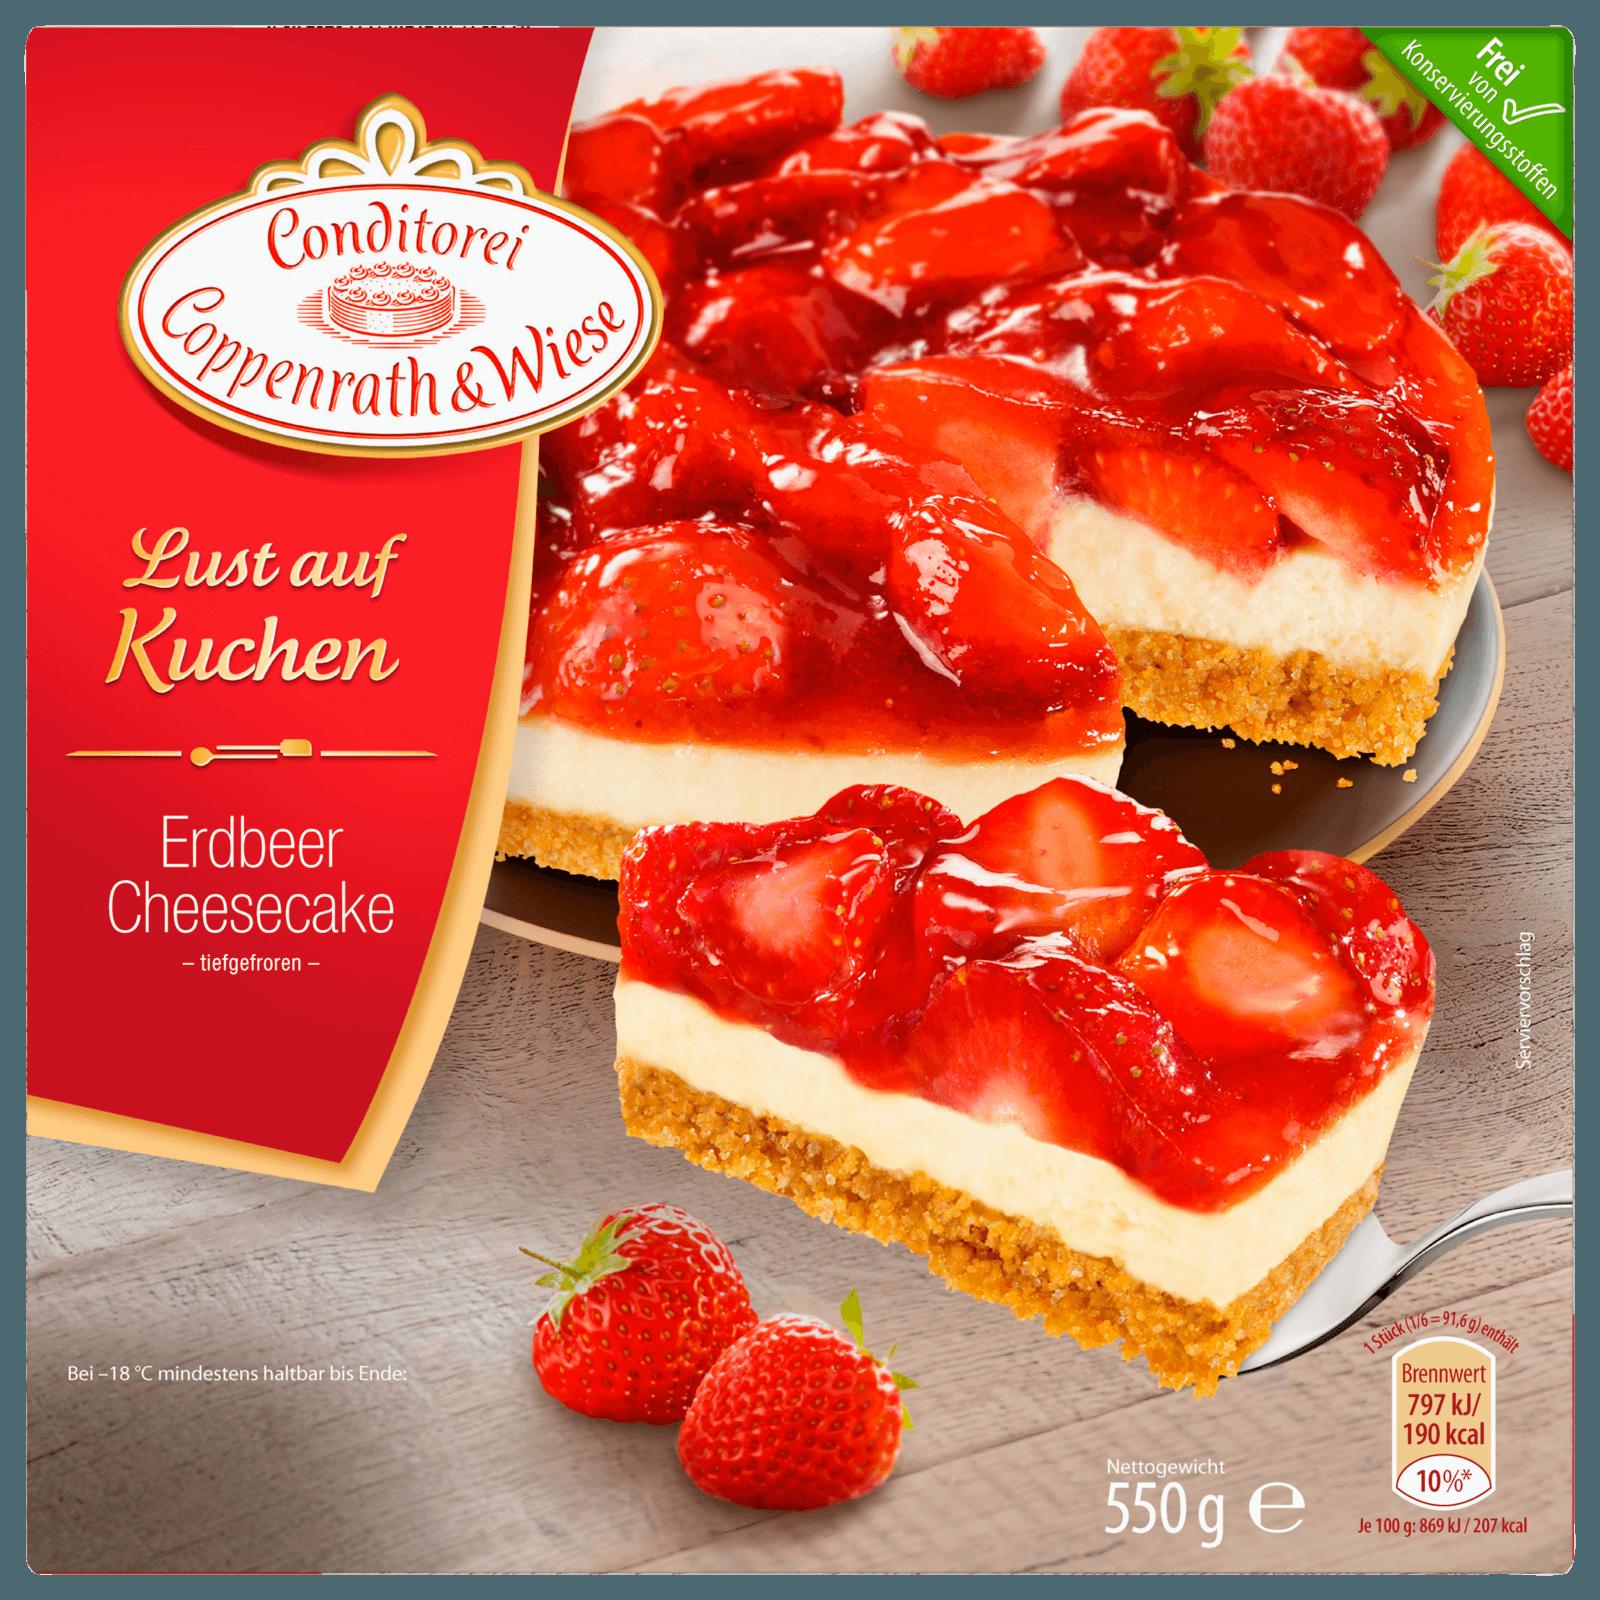 Coppenrath & Wiese Lust auf Kuchen Erdbeer-Frischkäse 550g